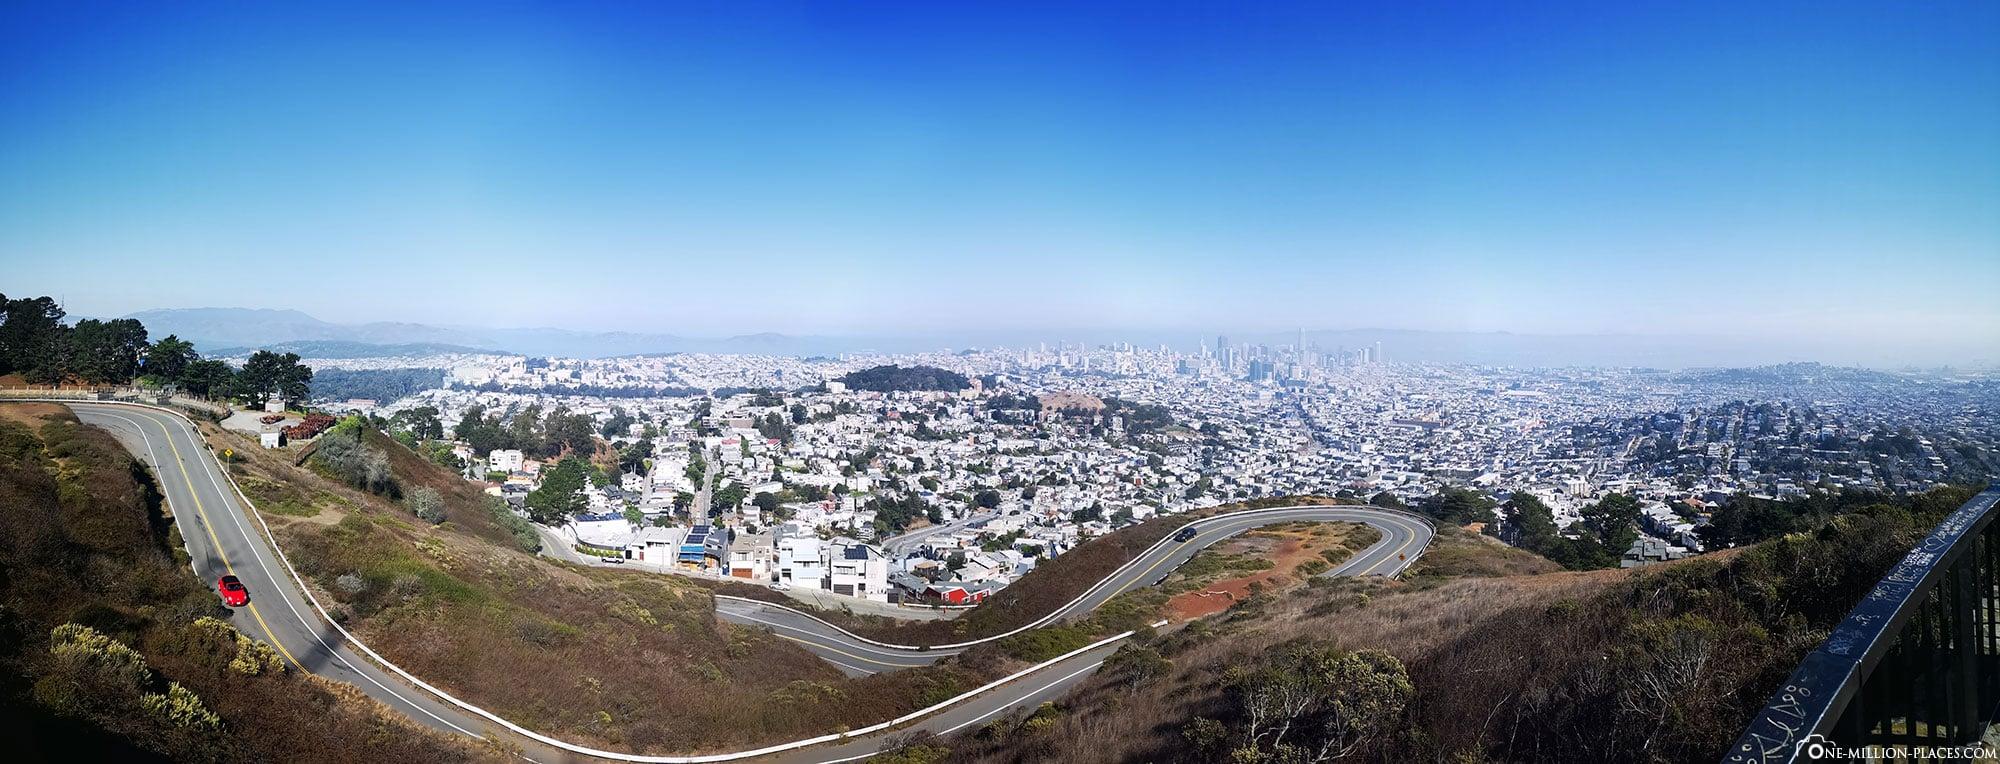 Twin Peaks, Panoramafoto, Aussicht, Blick auf San Francisco, Sehenswürdigkeiten